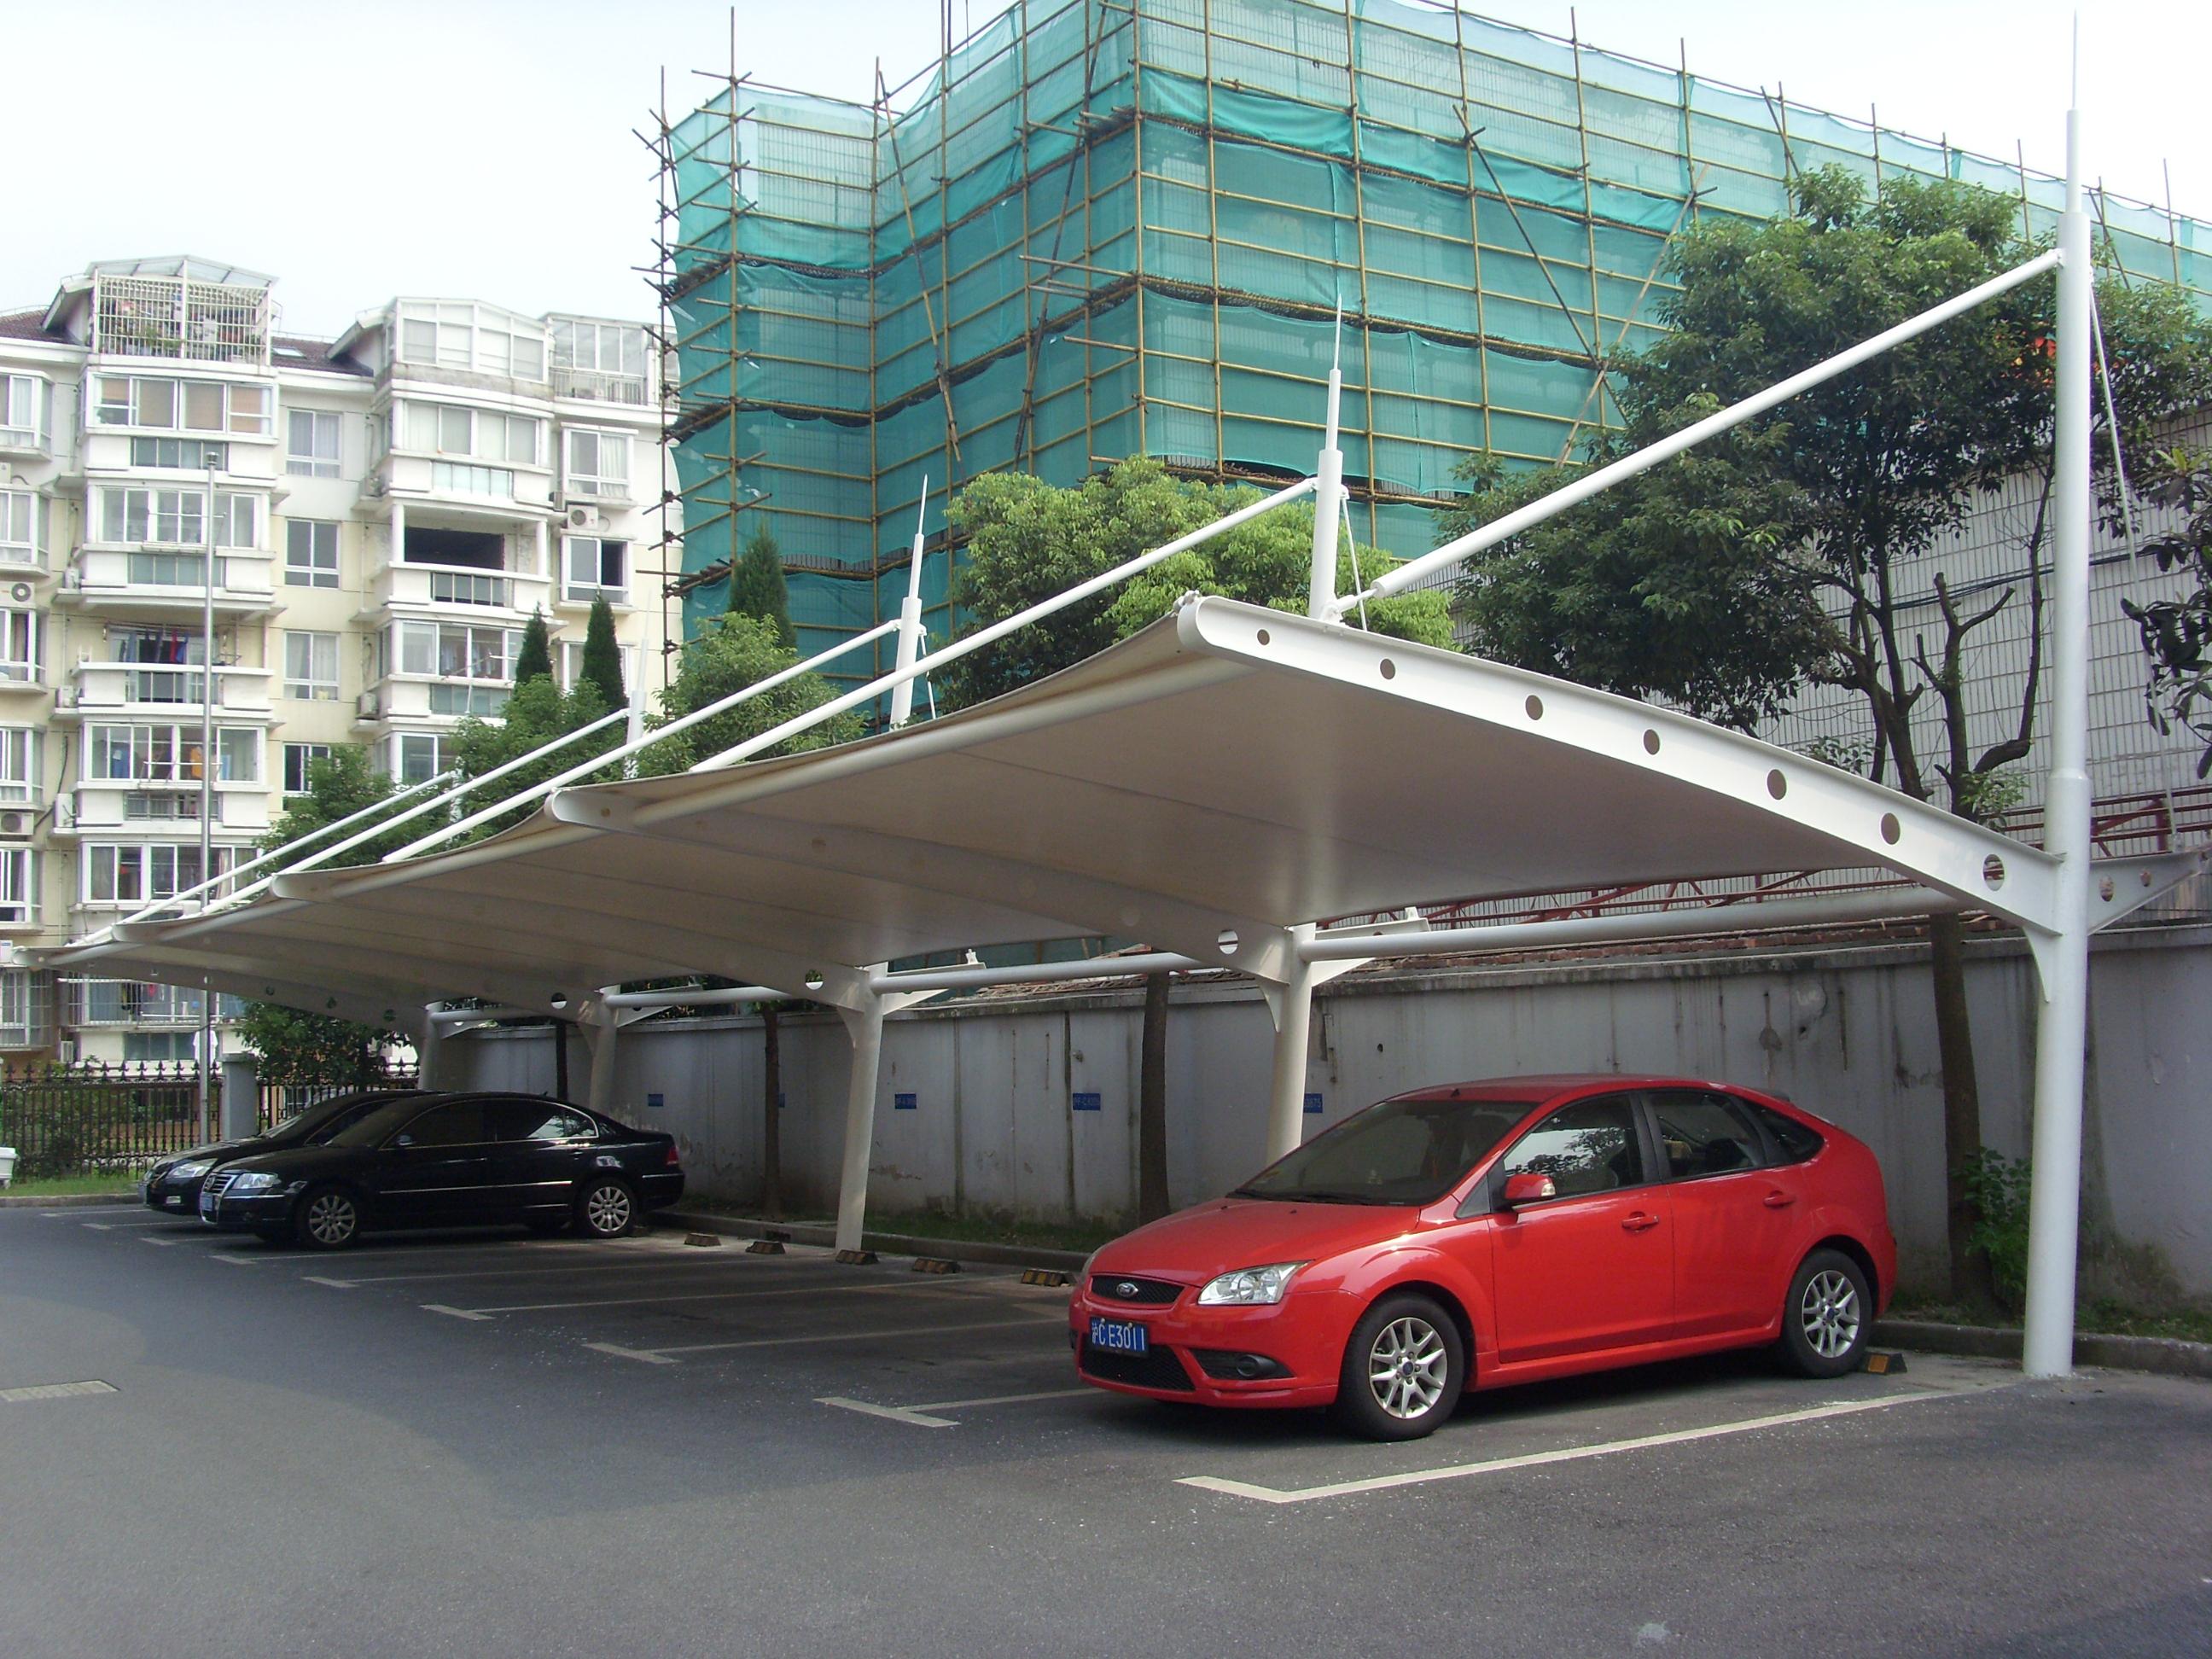 车棚 膜结构车棚 张拉膜车棚 景观车棚